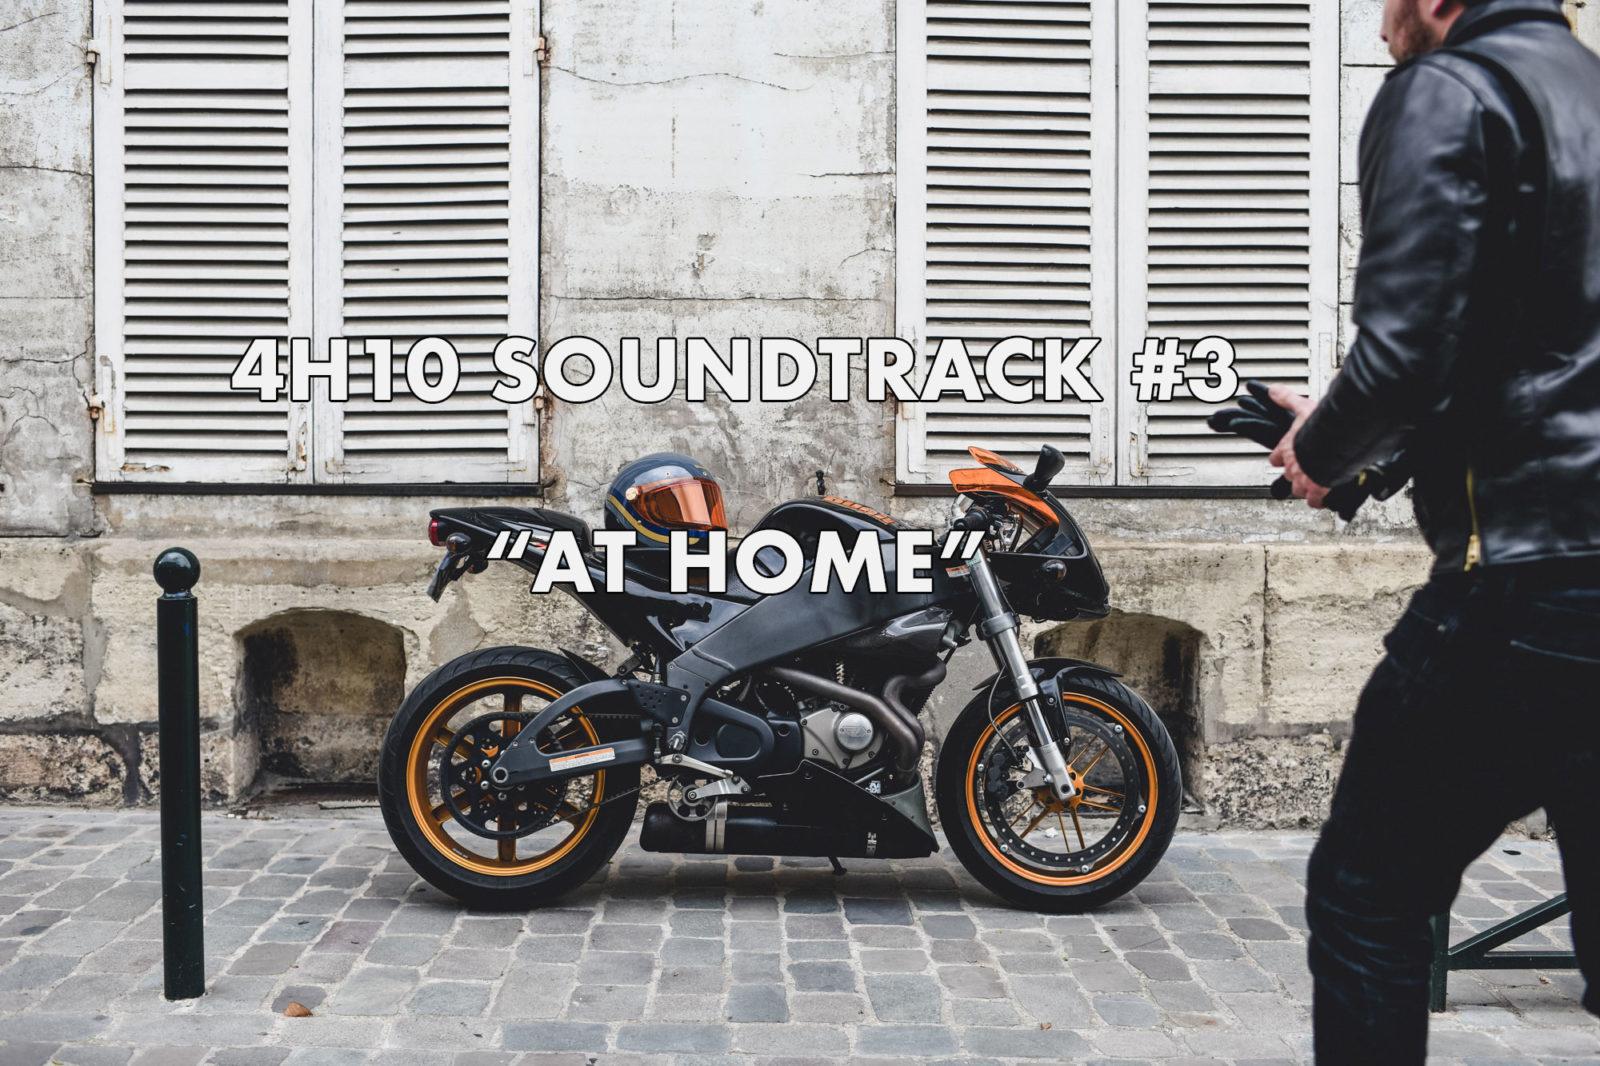 4H10 Soundtack #3 : At home